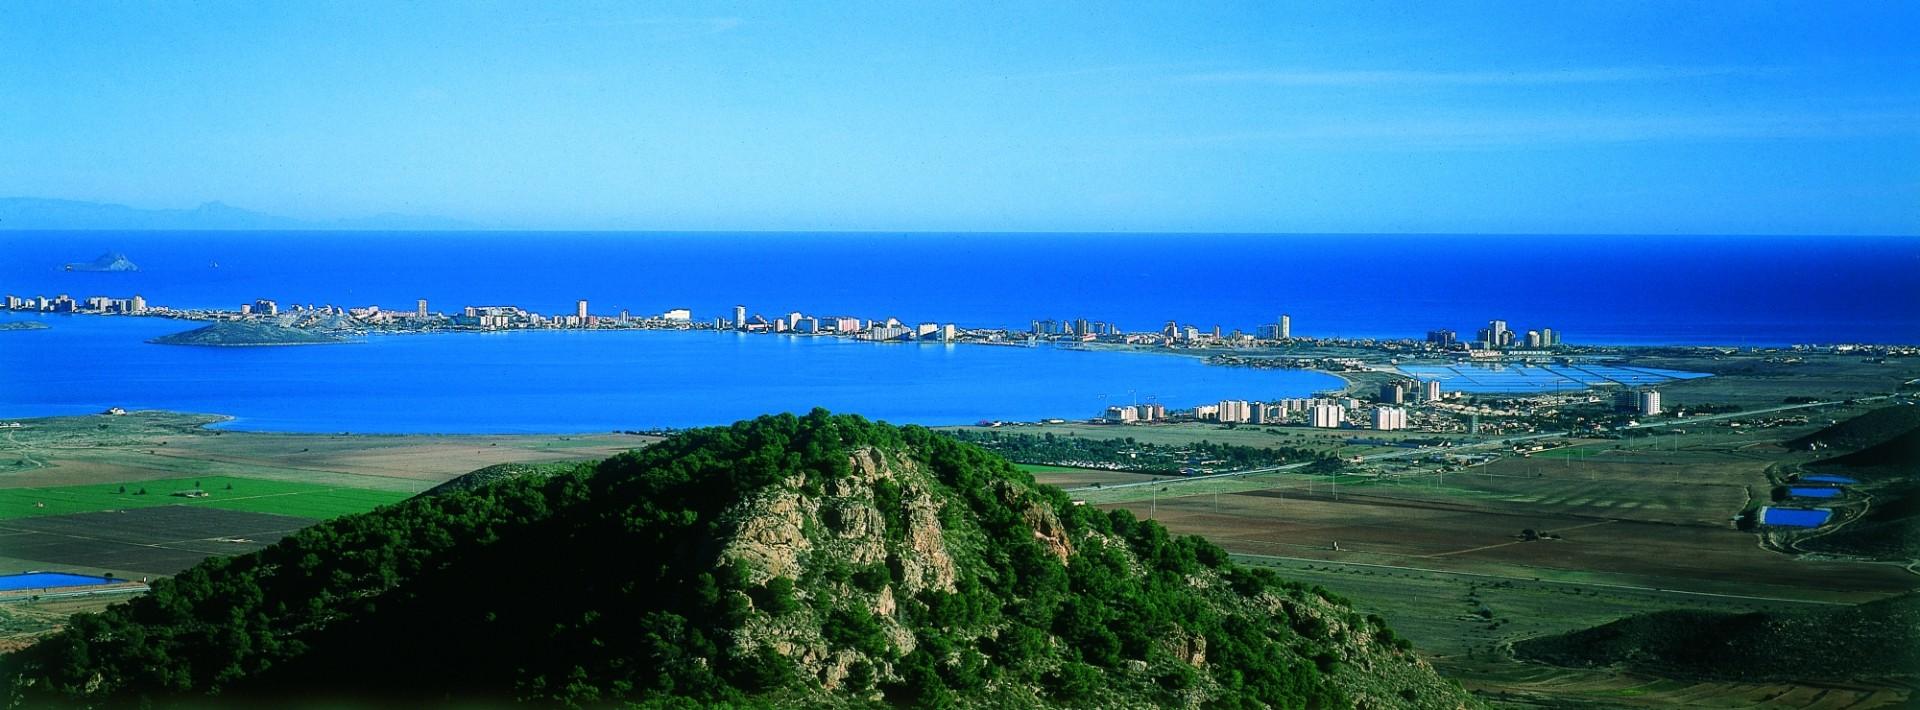 Лечение Испания на курорте Мар Менор, Коста Калида, Ла Манга ... | 710x1920